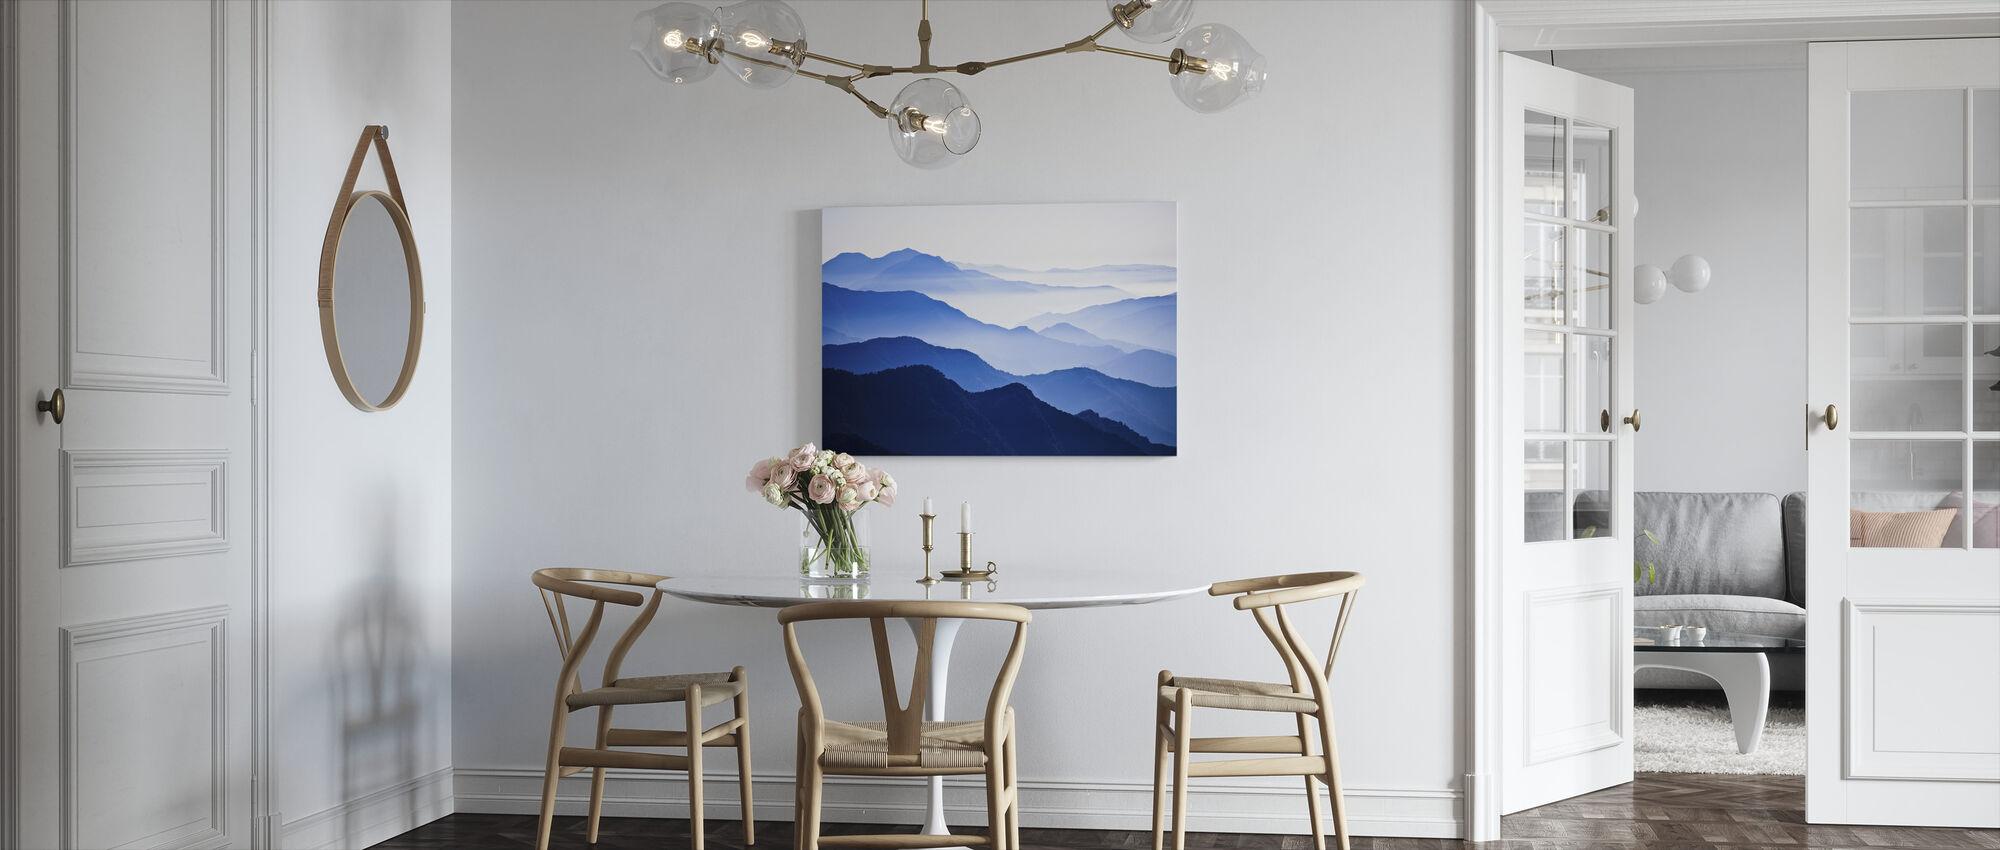 Oändligt stigande bergstoppar - Canvastavla - Kök